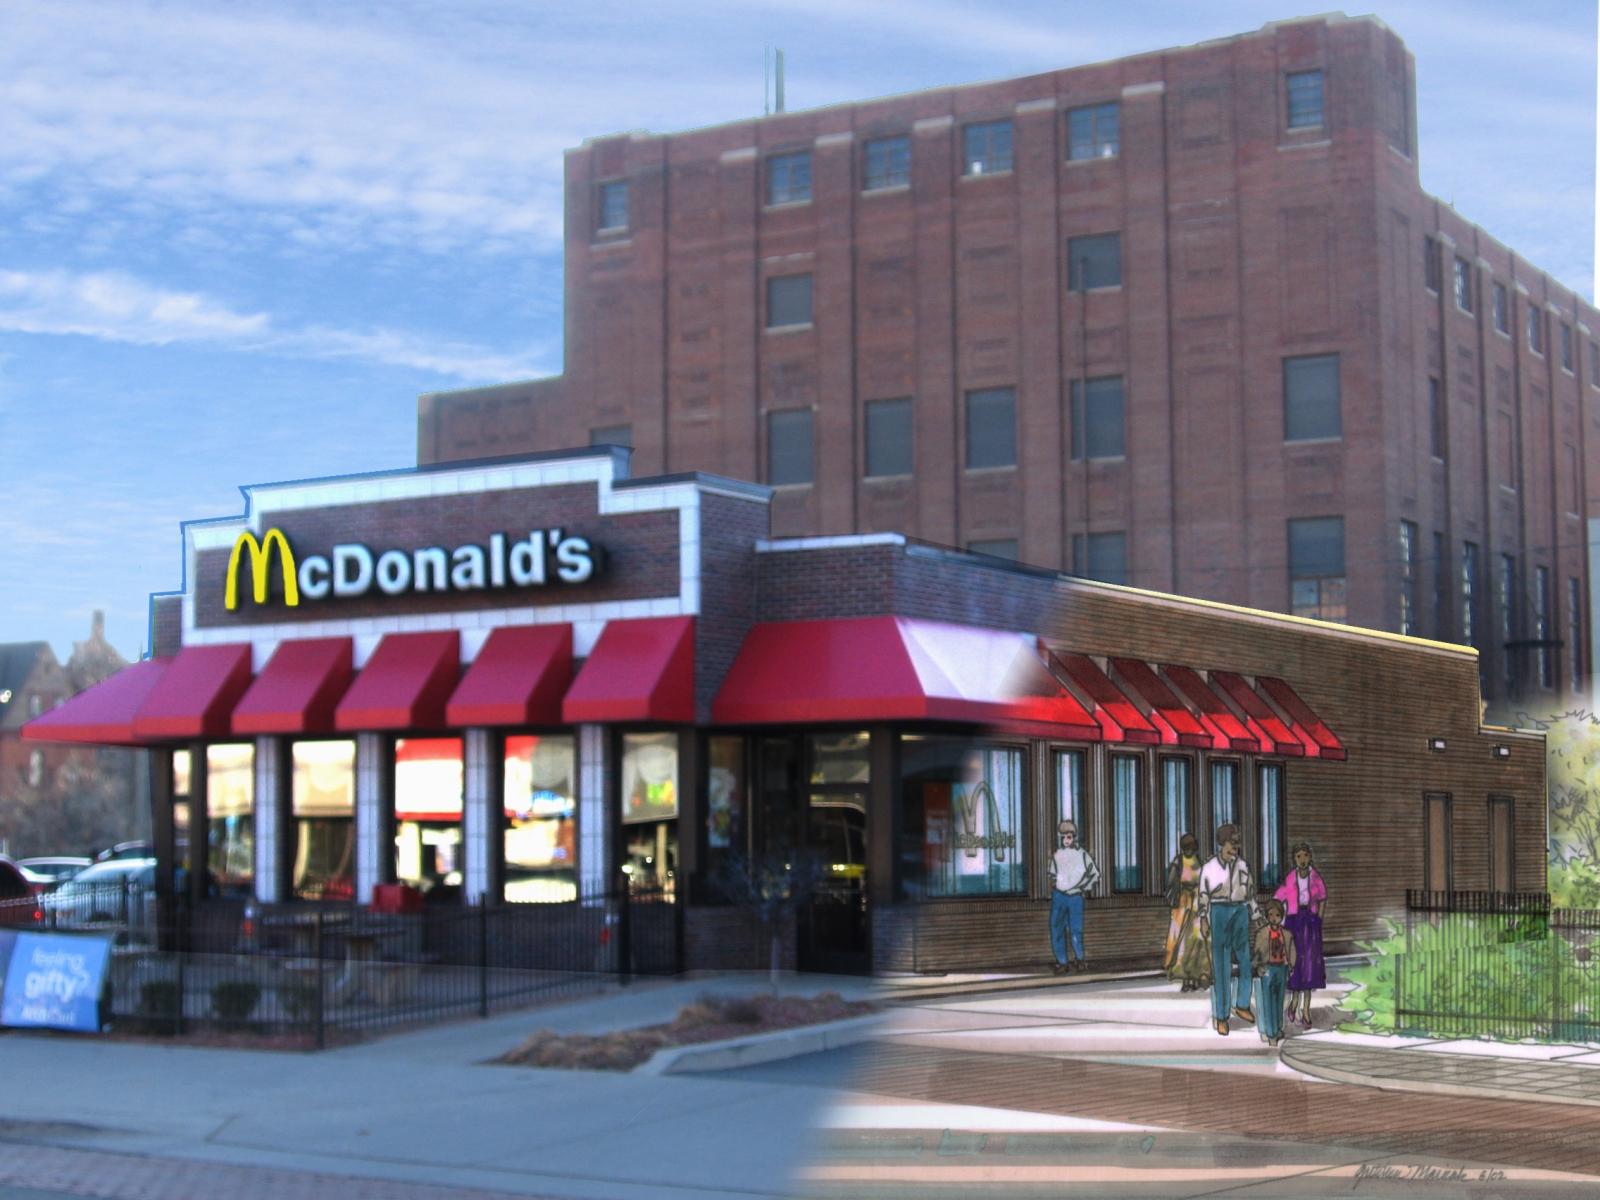 McDonald's Detroit McD's Blended